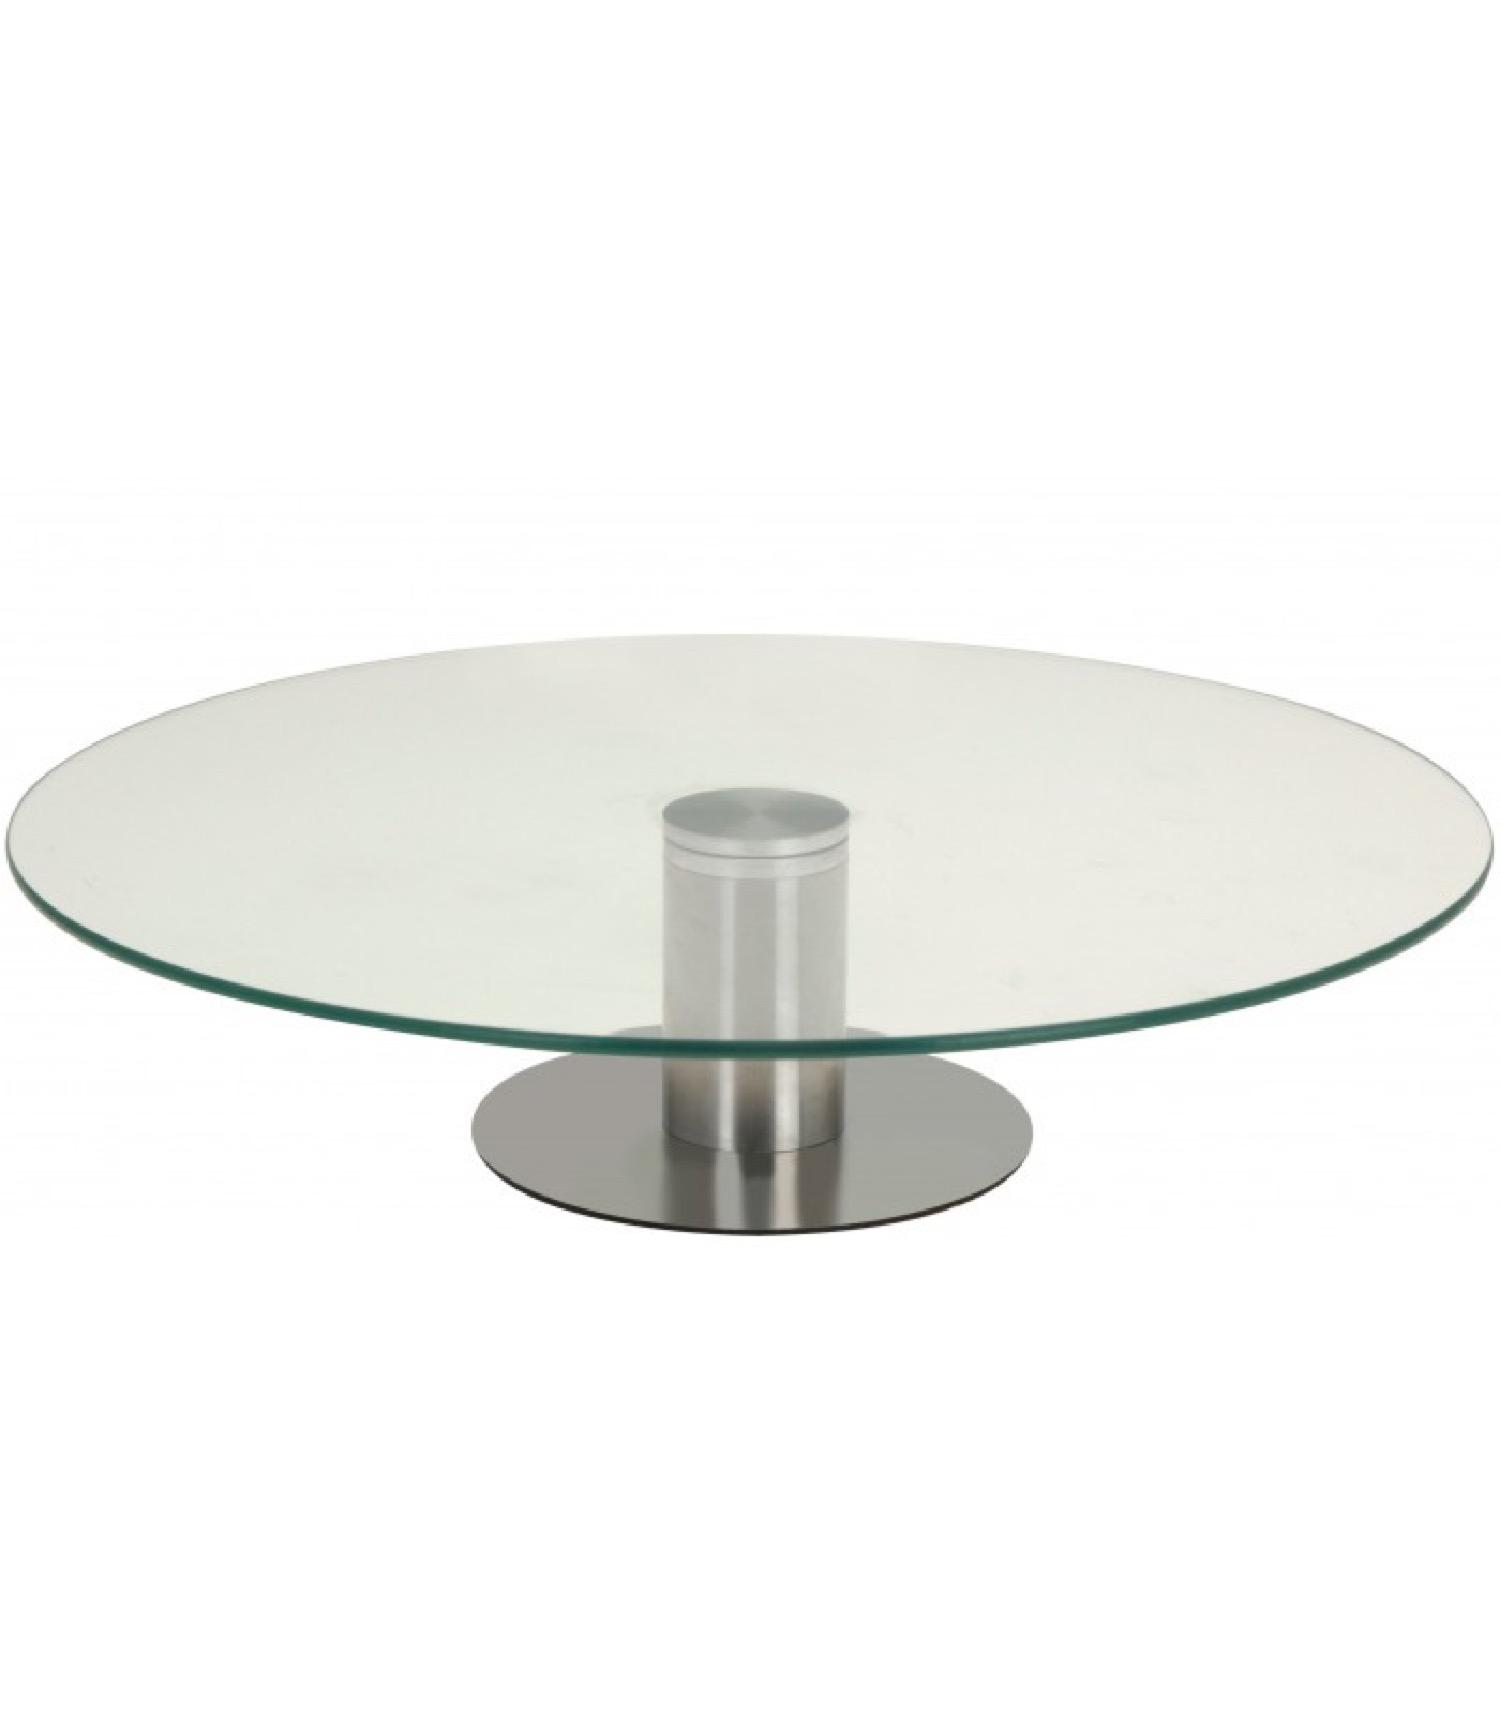 Présentoir à gâteau rond rotatif en verre et métal chromé